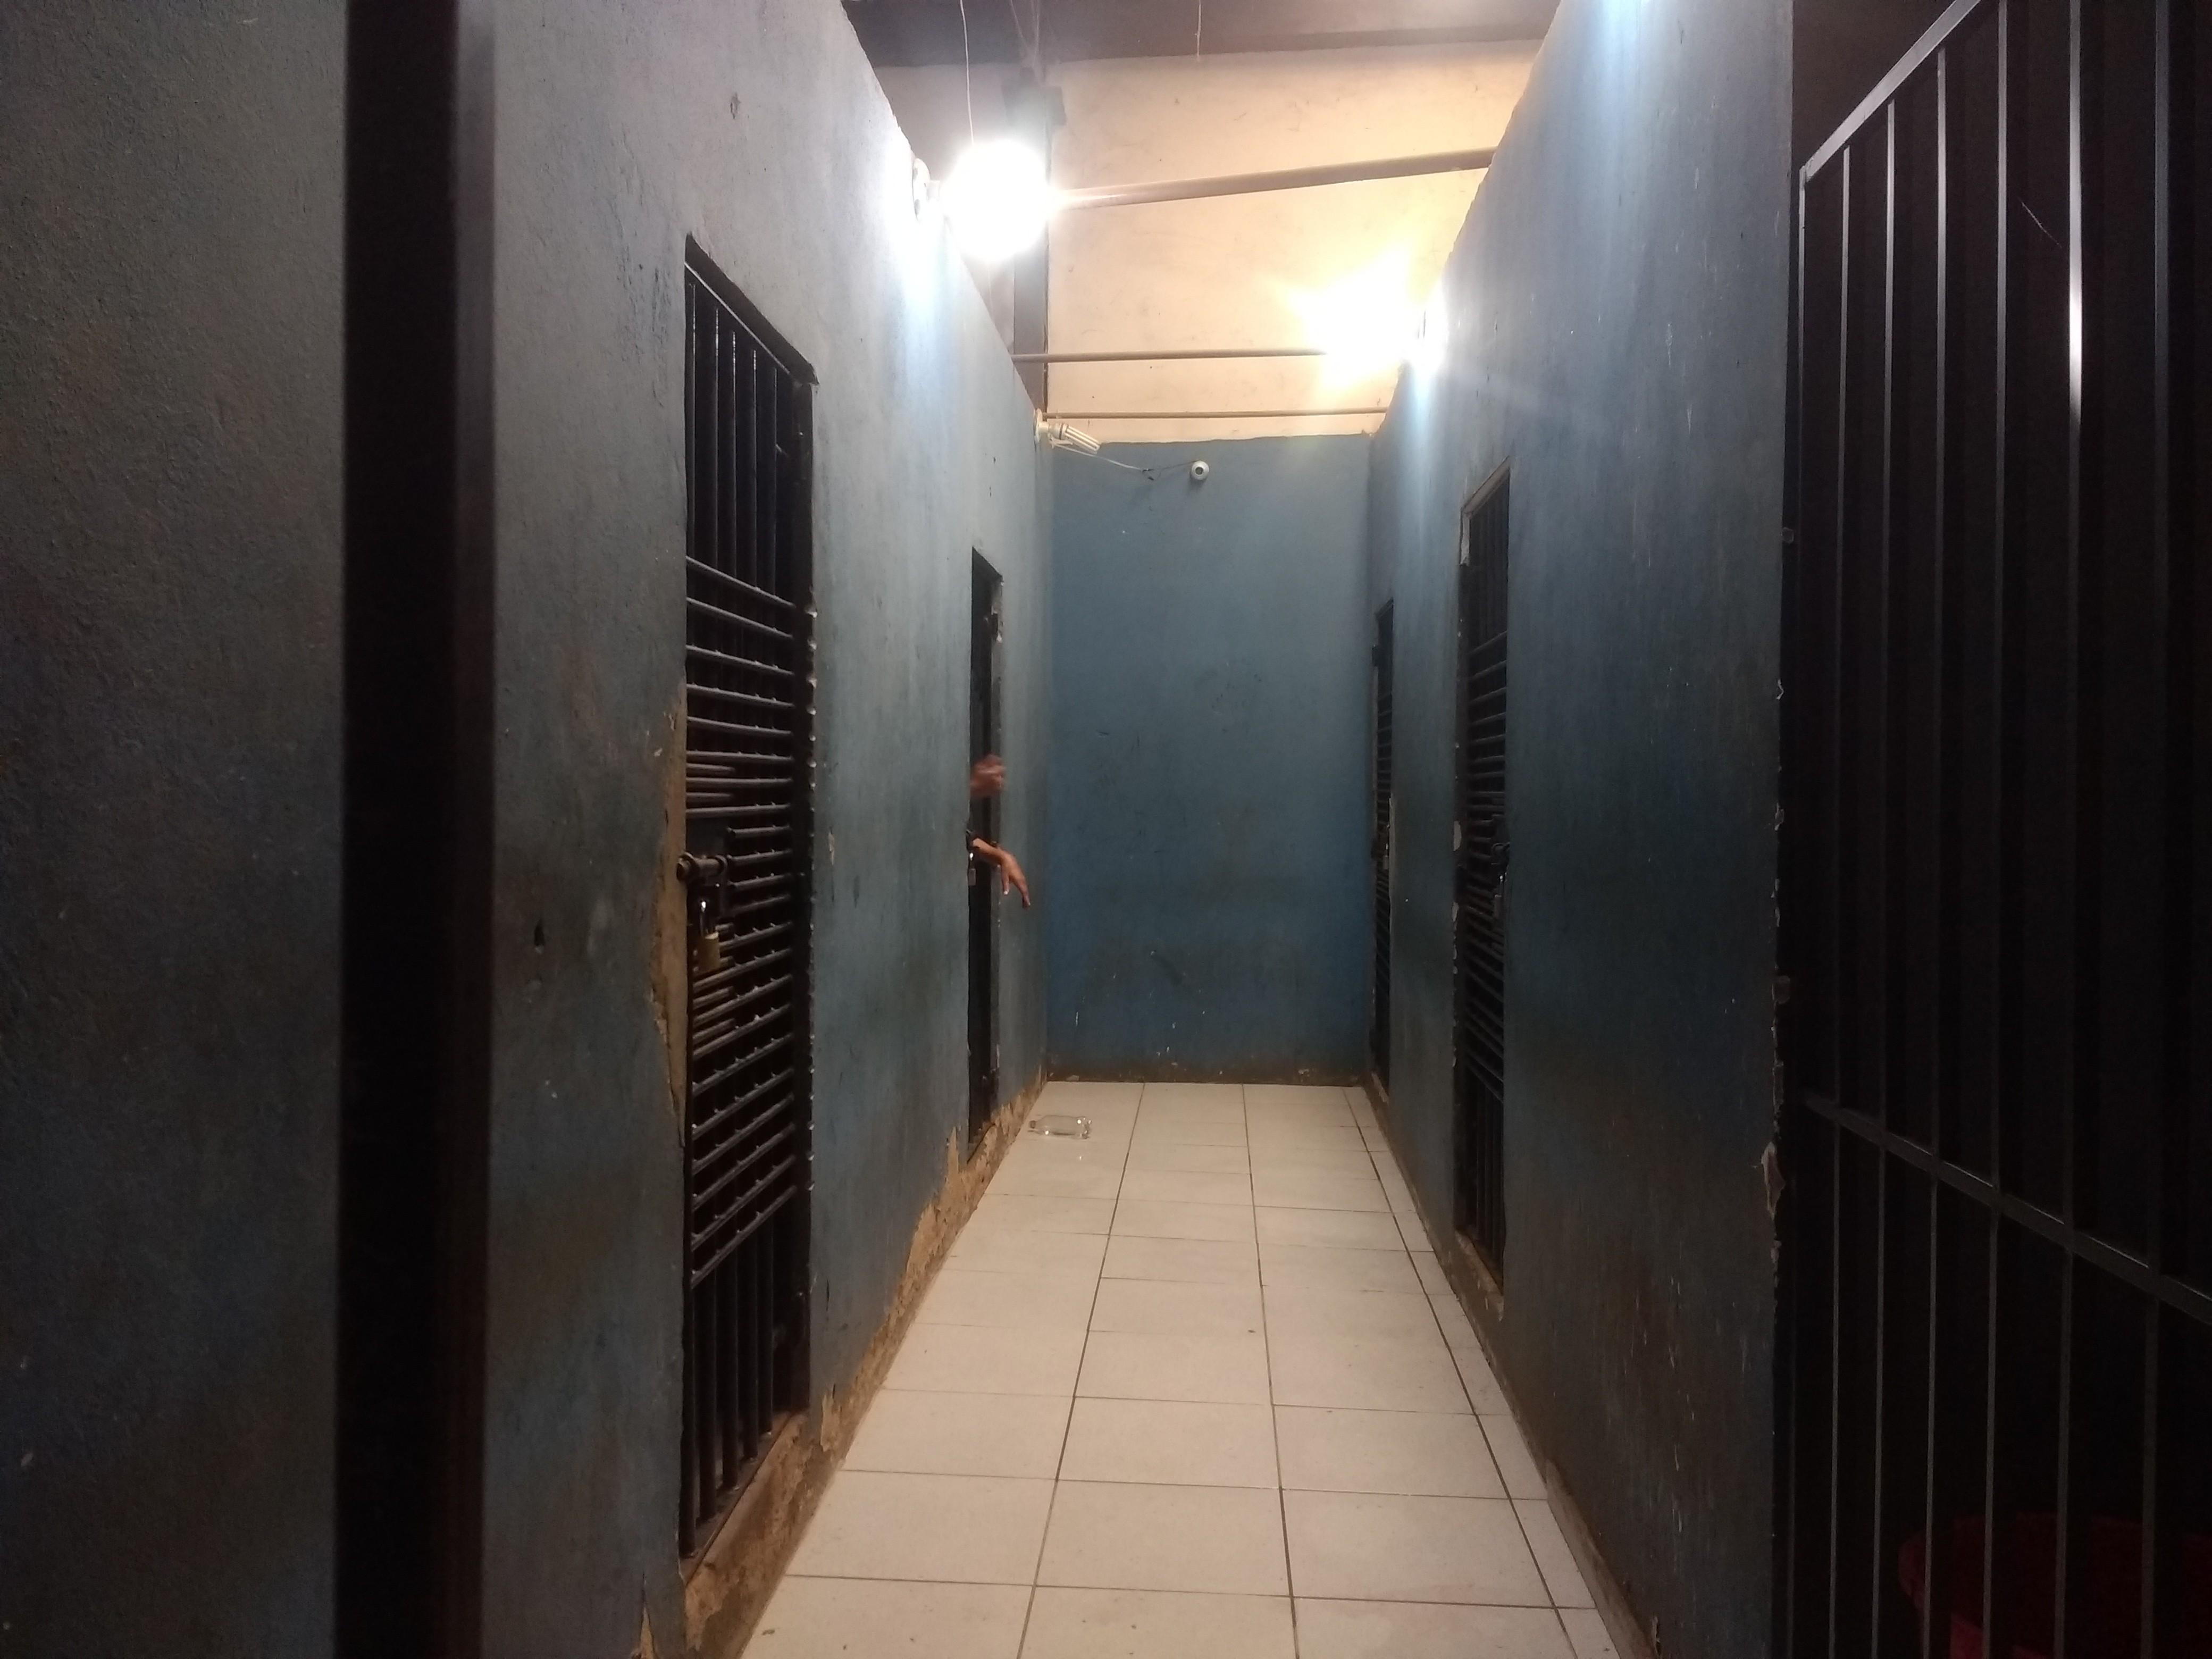 Professor de natação é preso suspeito de importunação sexual contra aluno de 12 anos, em RO - Notícias - Plantão Diário